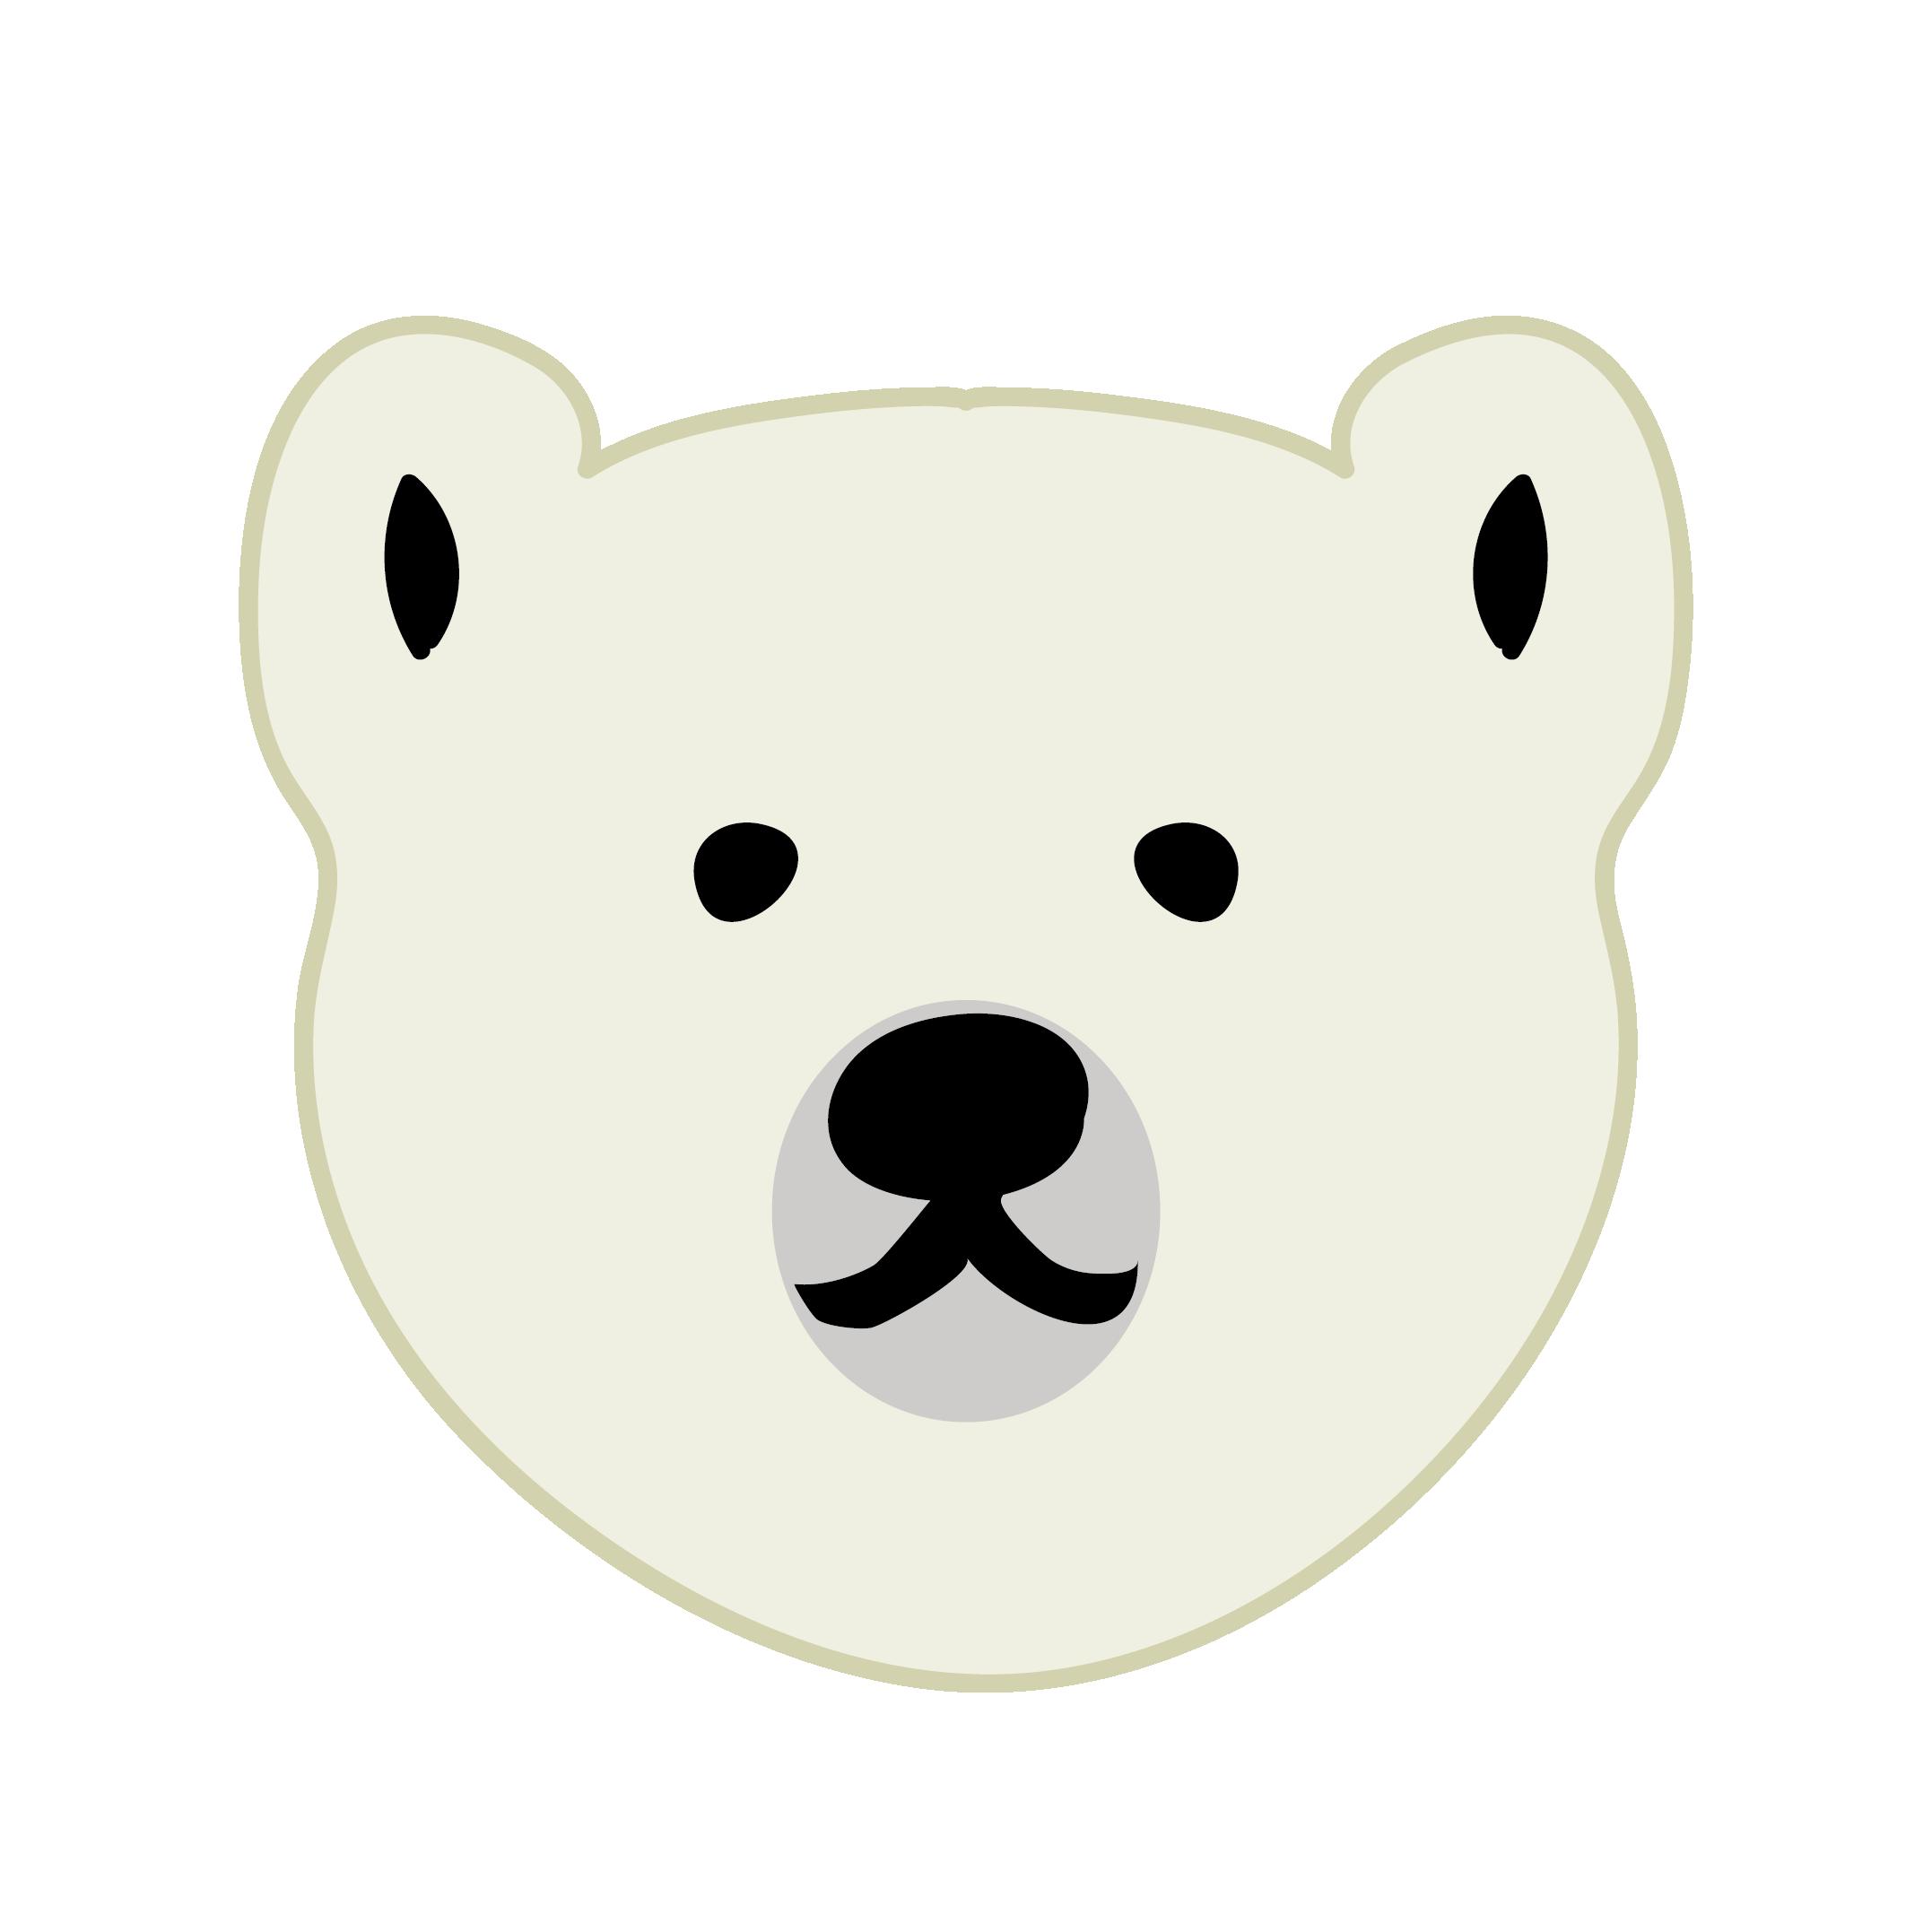 くま イラスト白熊シロクマ 商用フリー無料のイラスト素材なら